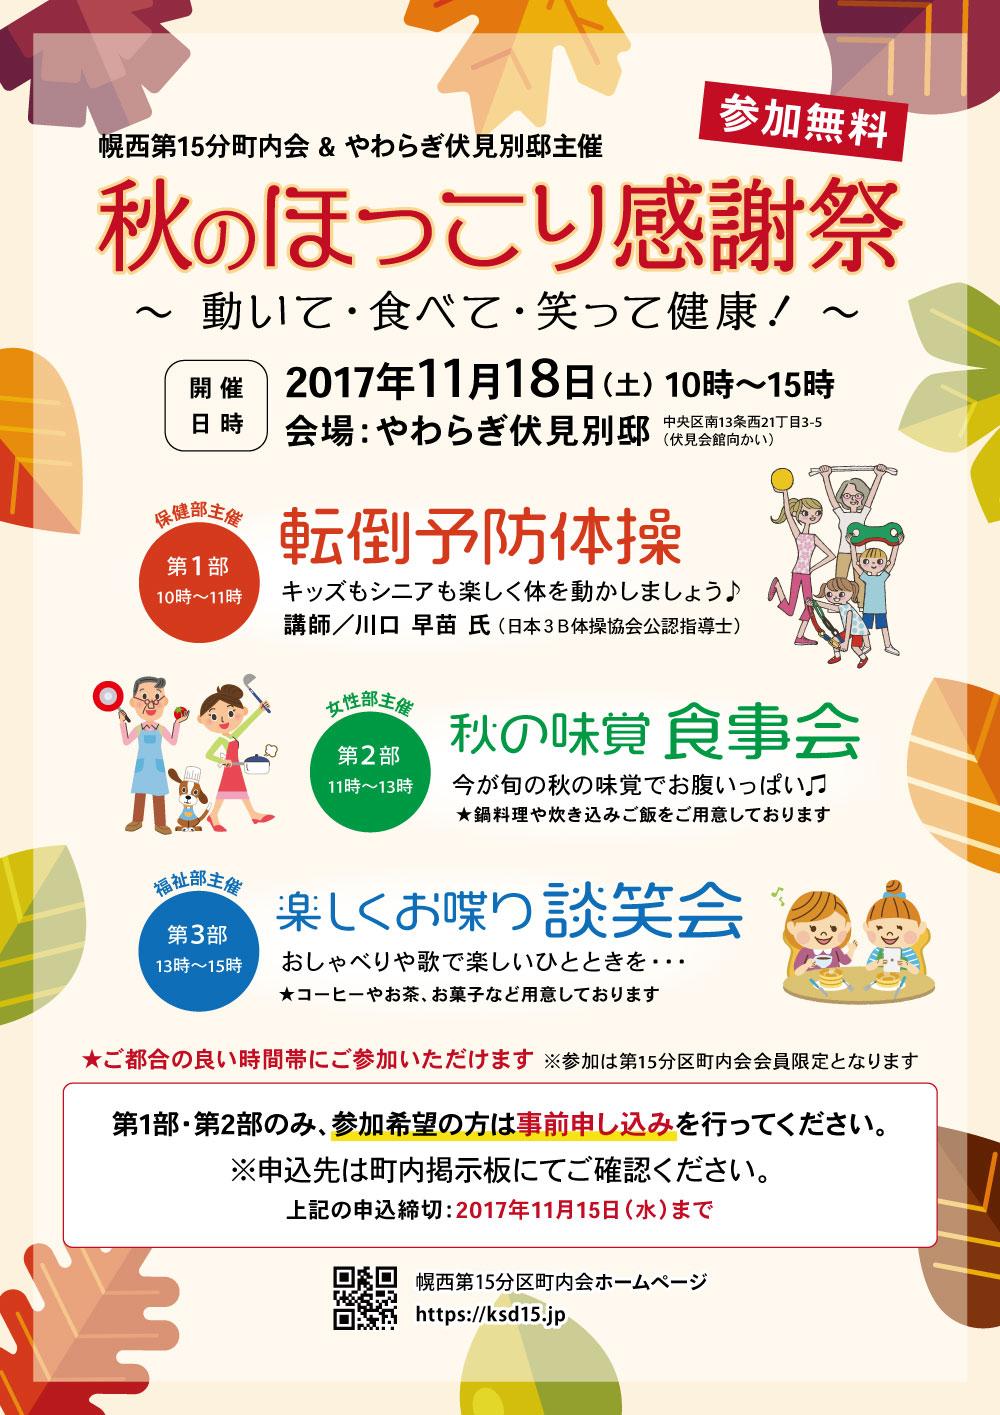 【参加無料】秋のほっこり感謝祭